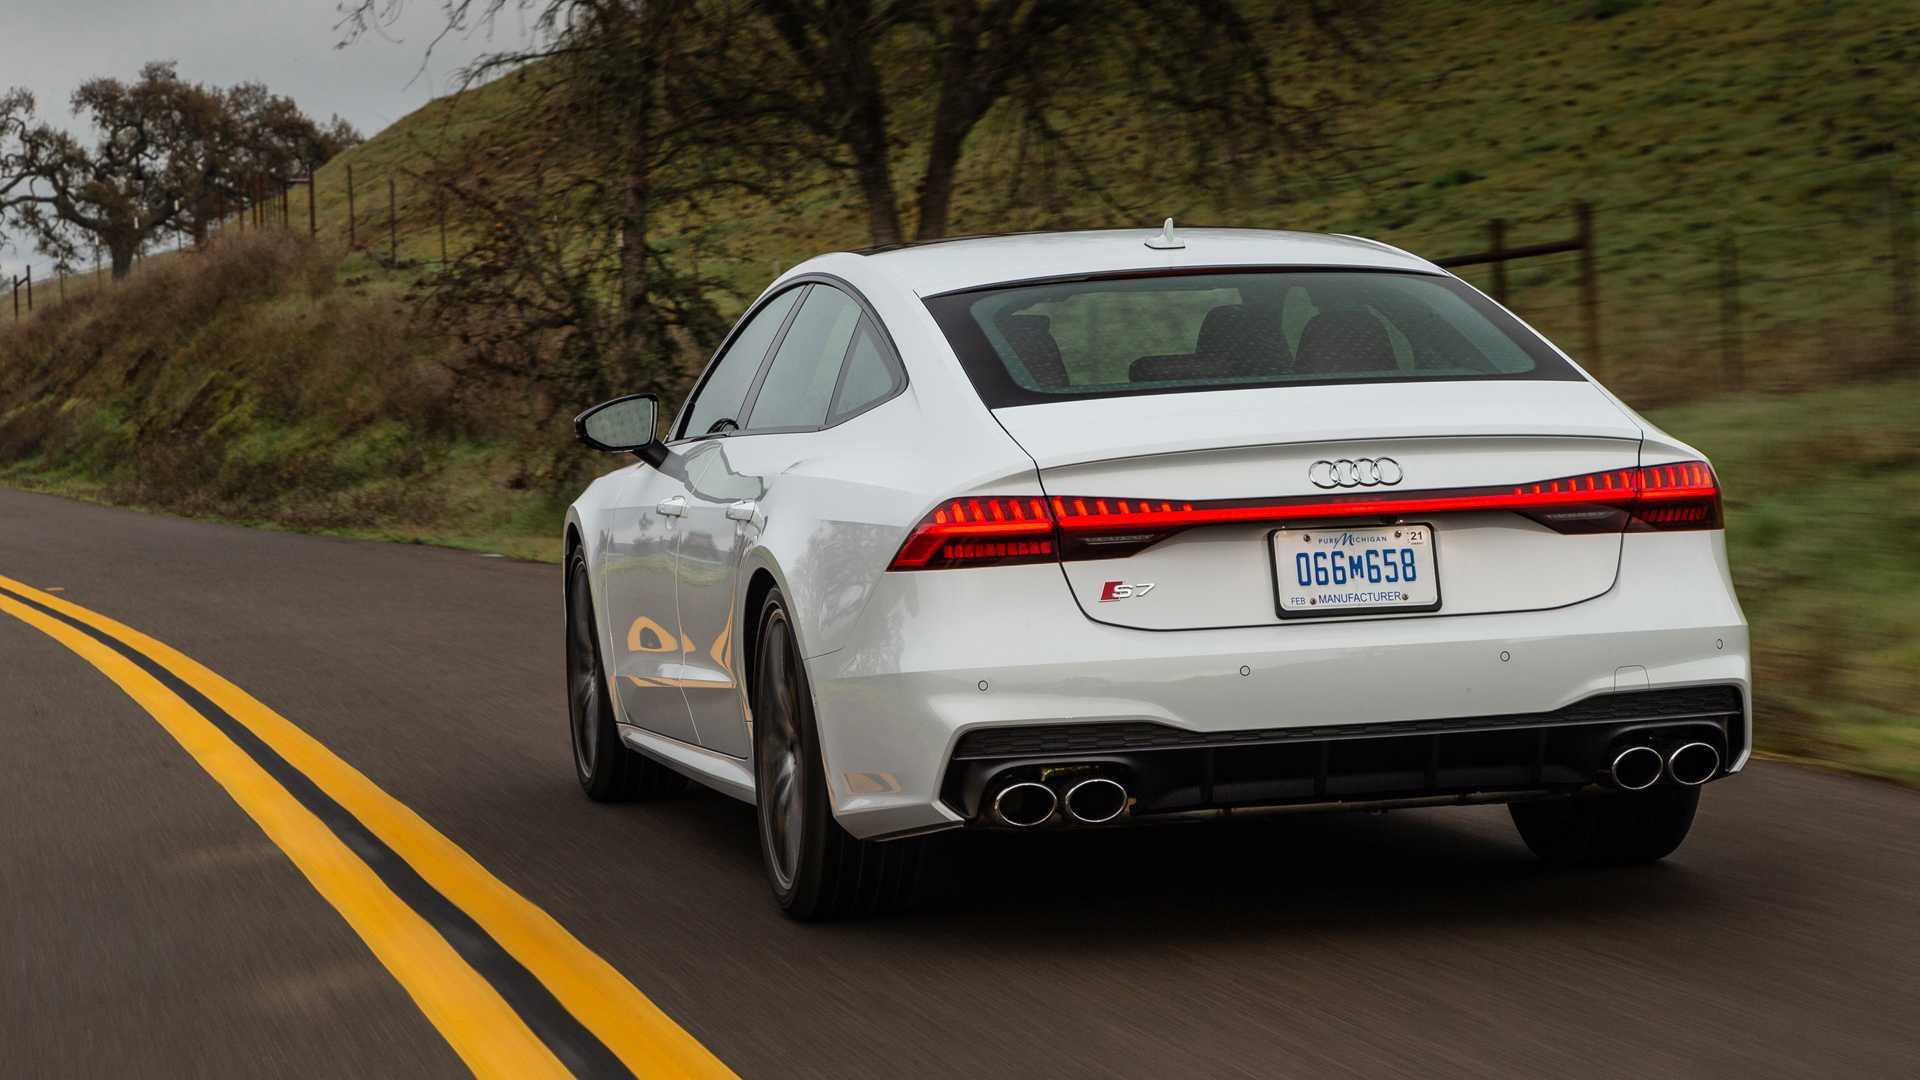 Audi s8 2021 – премиальный седан с разгоном до «сотни» за 3,8 секунды и самым современным оснащением